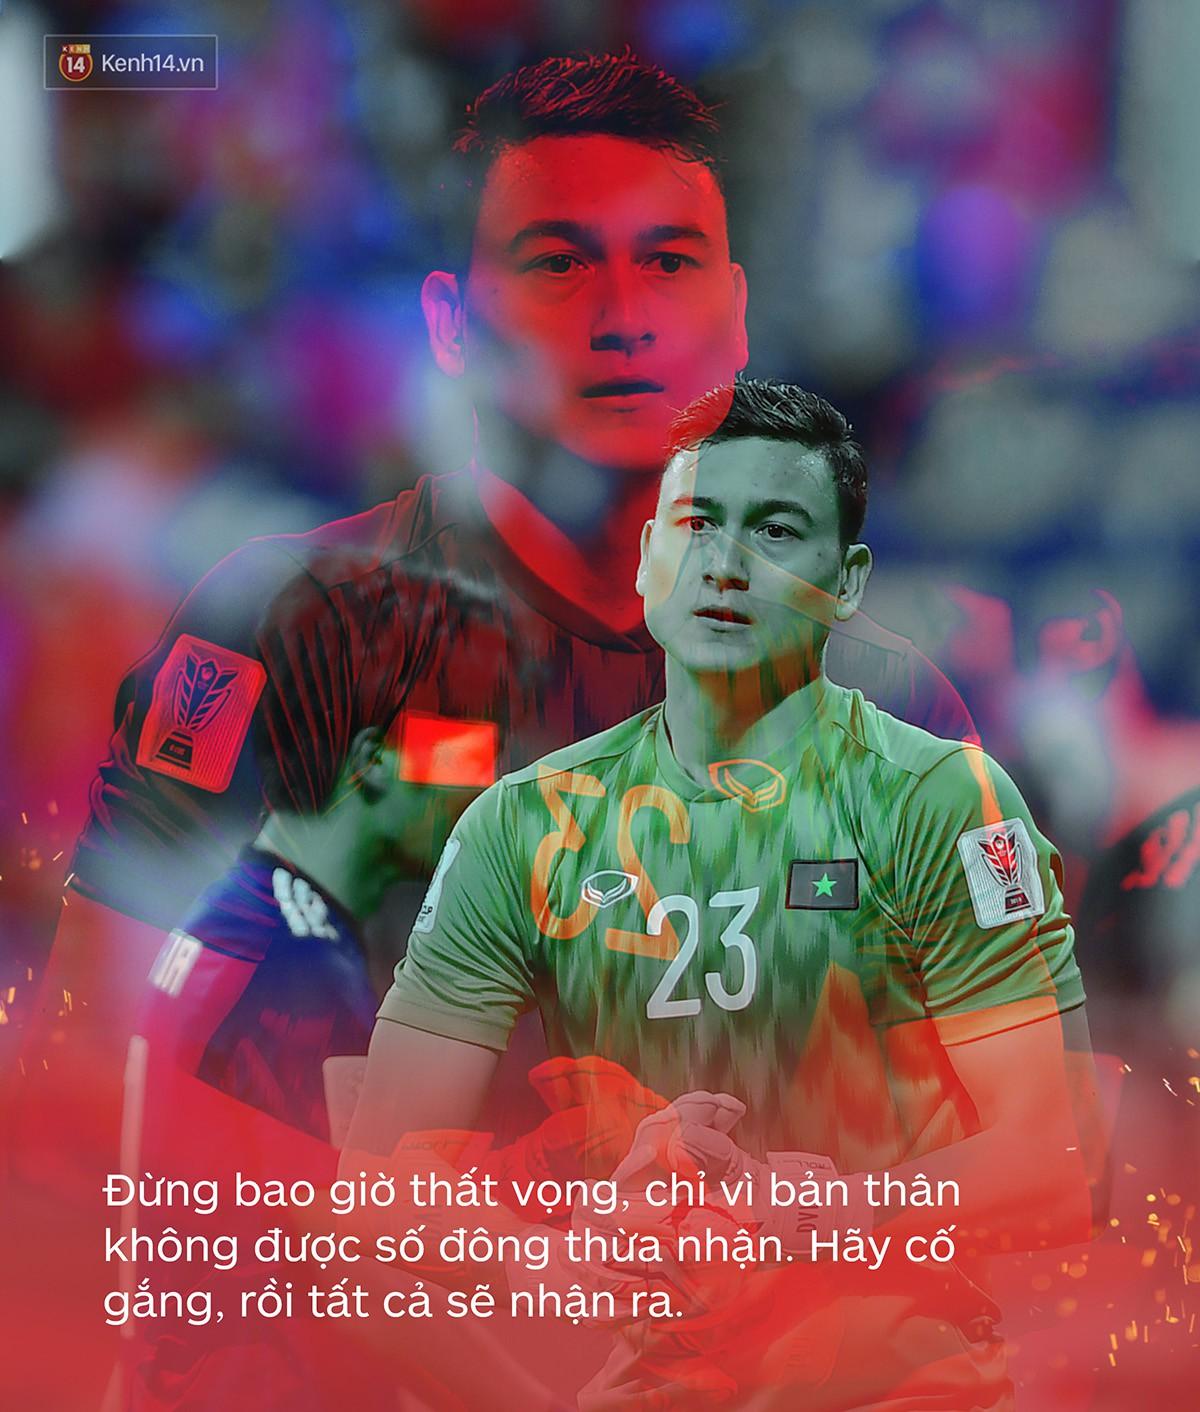 Đội tuyển Việt Nam: Kỳ tích châu Á và sự trỗi dậy tạo cảm hứng cho cả dân tộc - Ảnh 3.